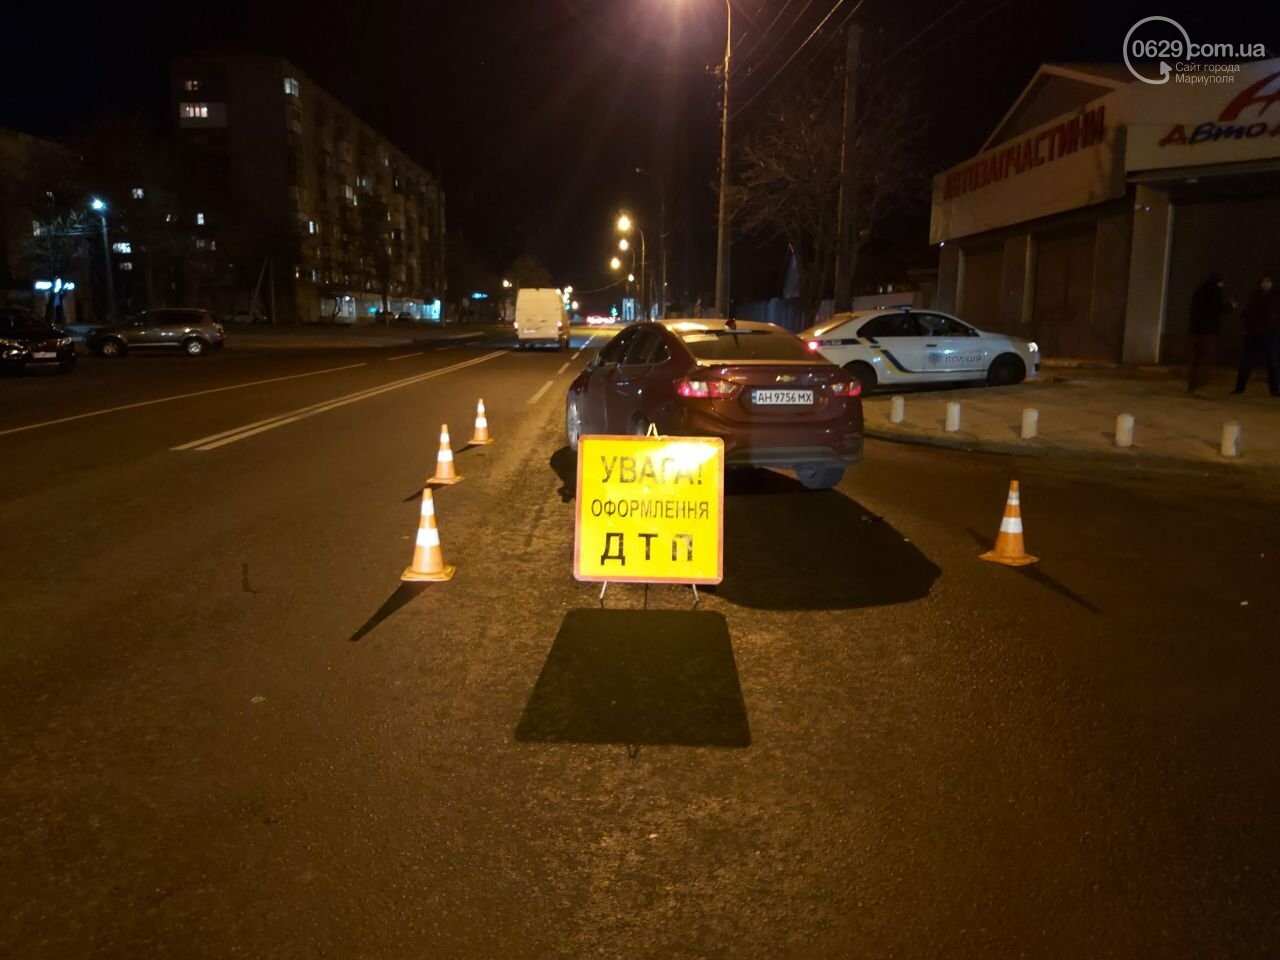 Полиция ищет свидетелей смертельного ДТП в Мариуполе, - ФОТО, фото-3